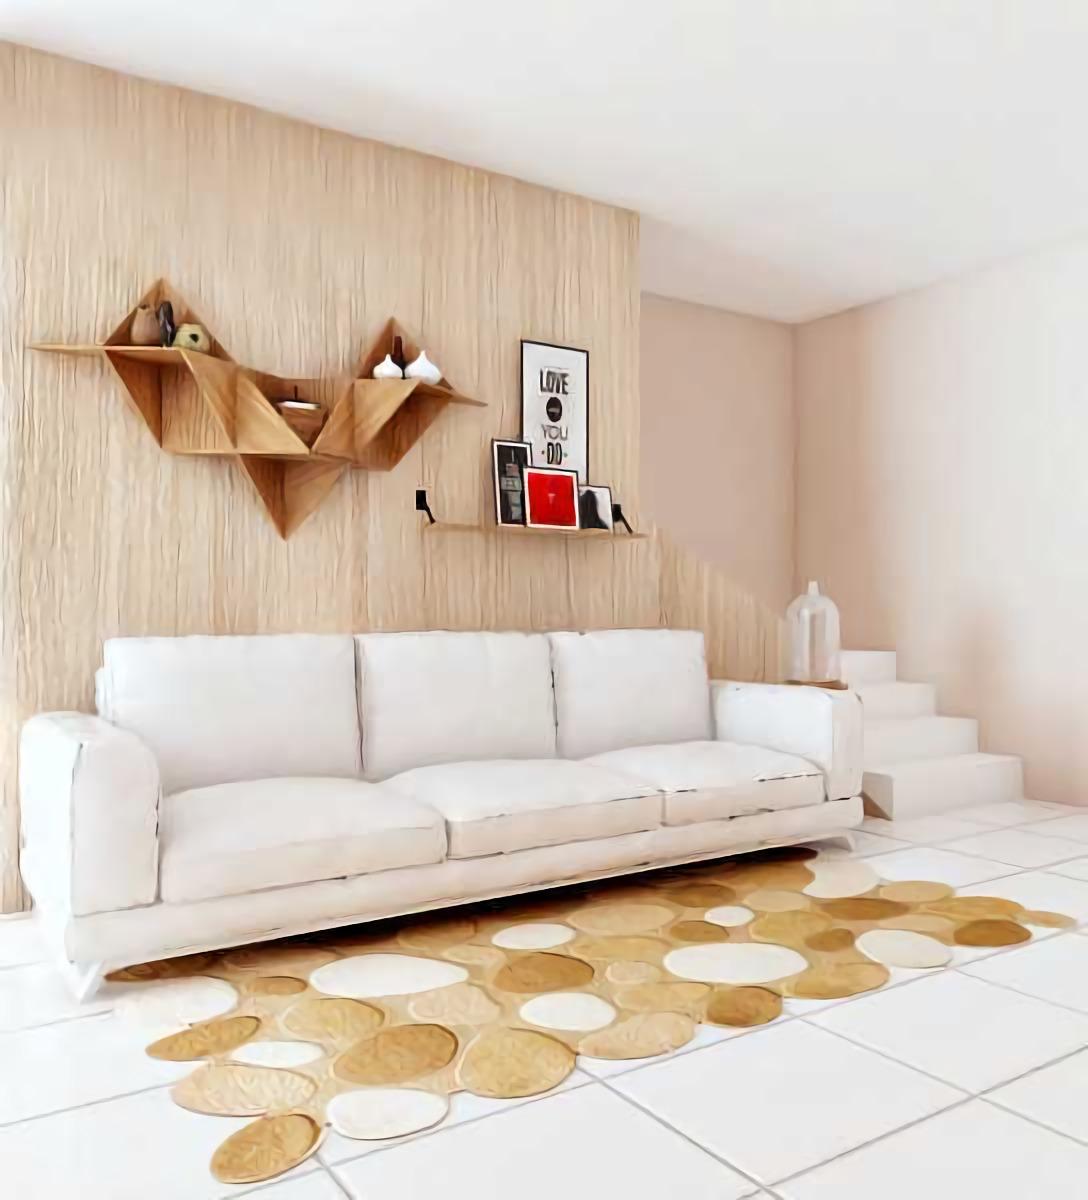 Layar House karya Hive Design & Build tahun 2016 (Sumber: arsitag.com)